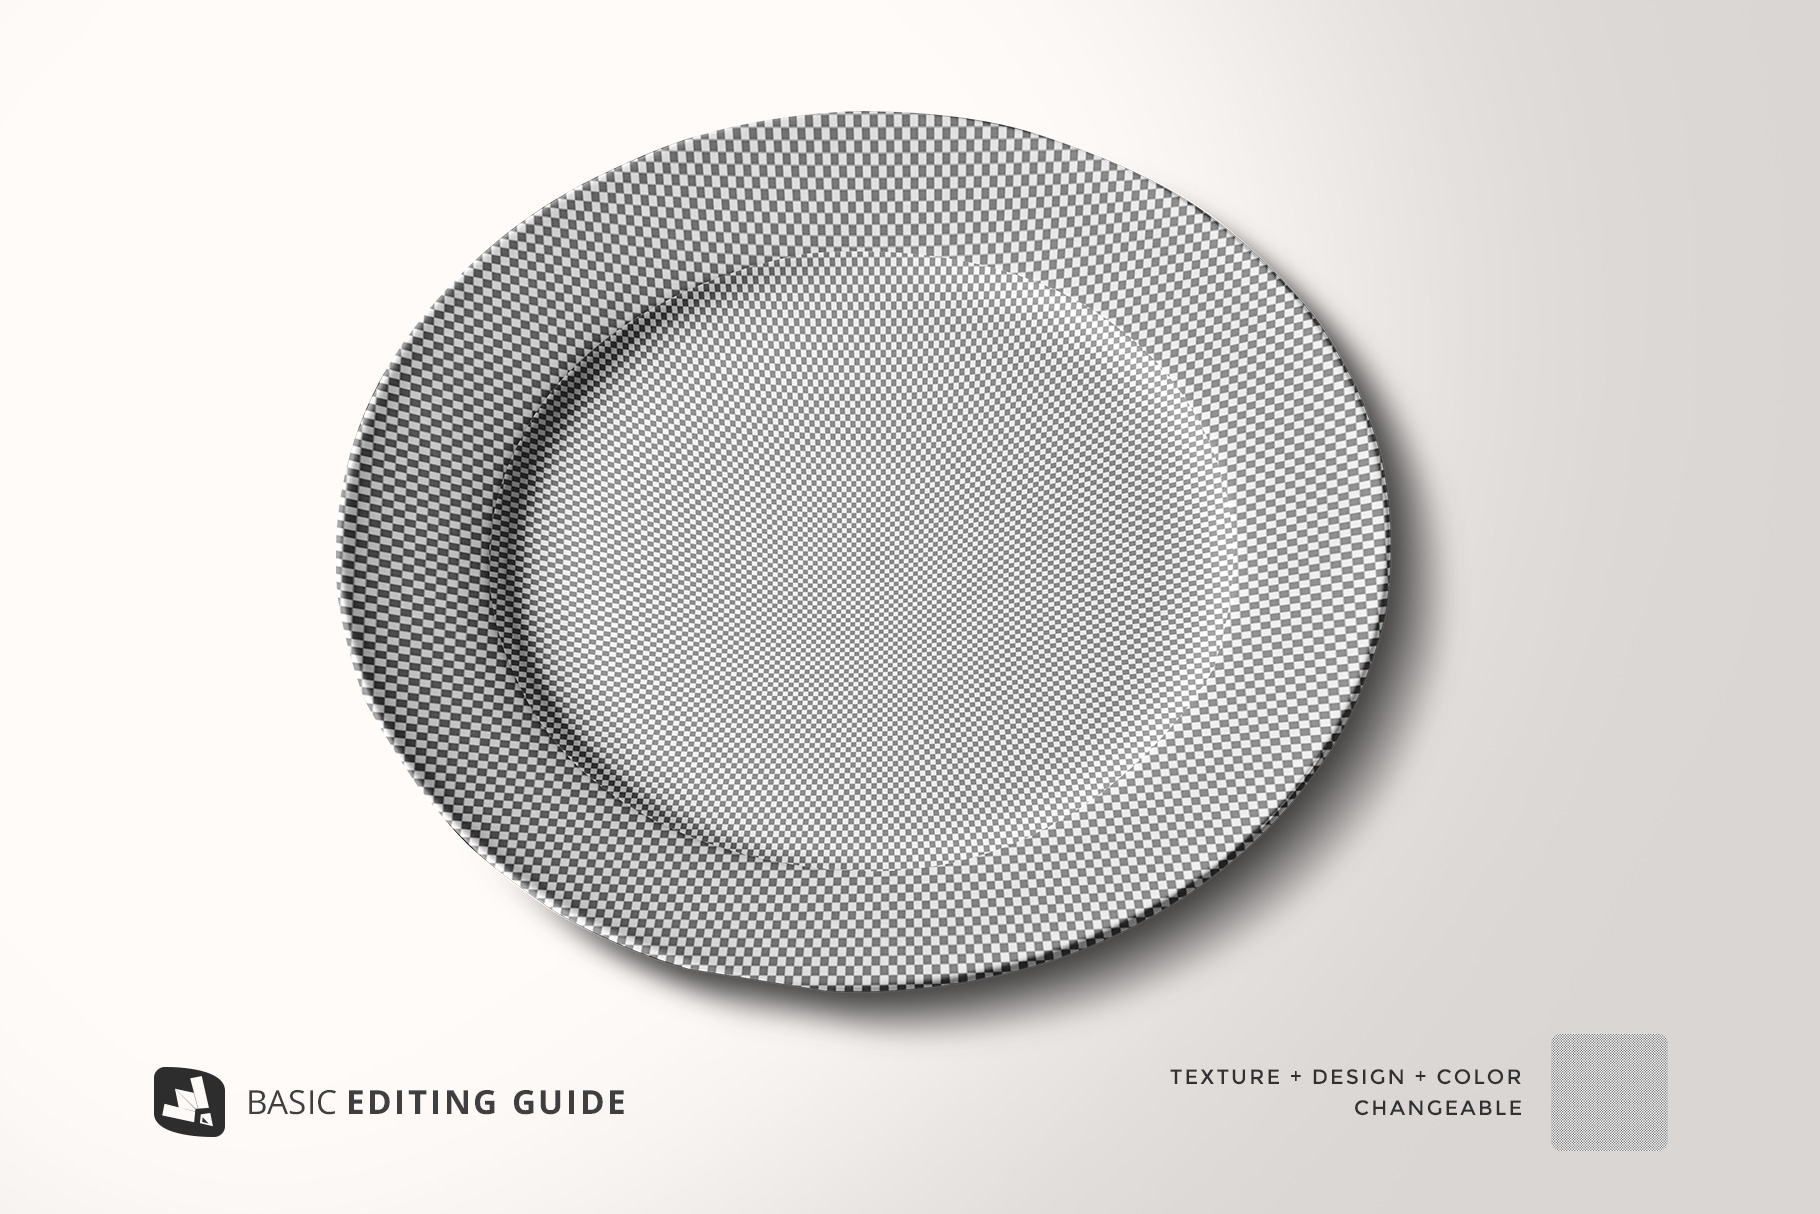 editability of the porcelain dinner plate mockup